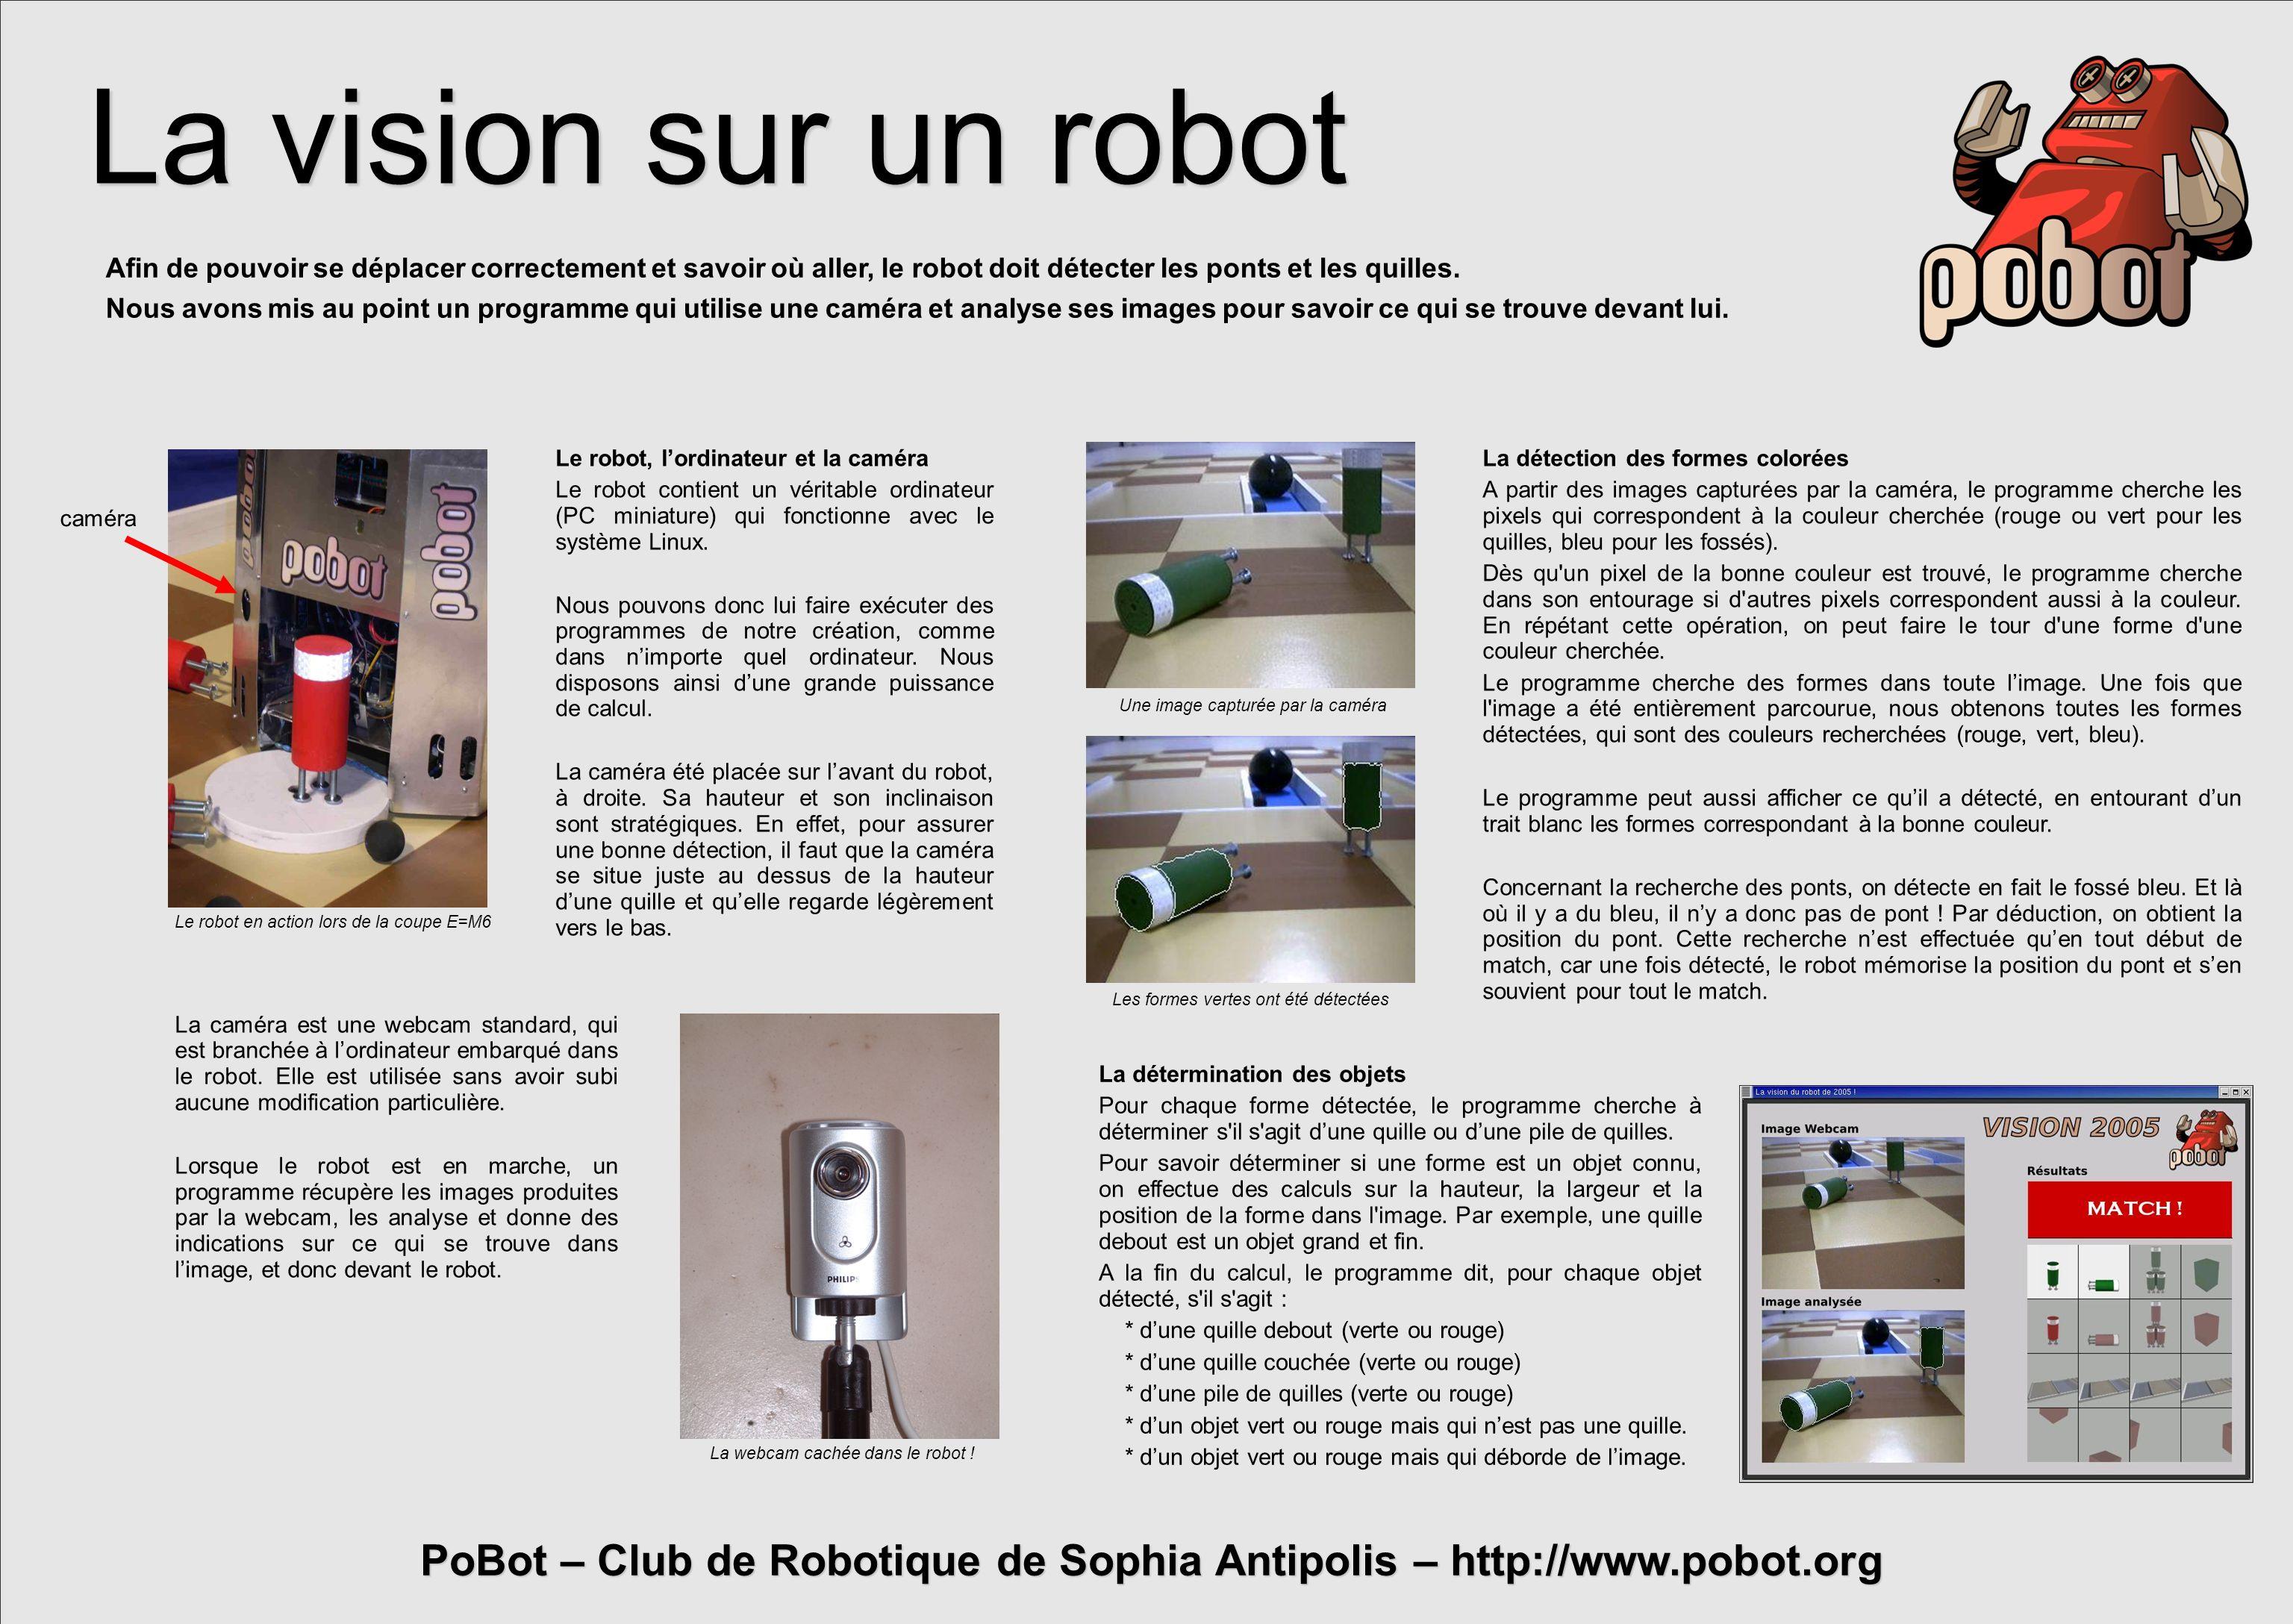 PoBot – Club de Robotique de Sophia Antipolis – http://www.pobot.org La vision sur un robot Afin de pouvoir se déplacer correctement et savoir où aller, le robot doit détecter les ponts et les quilles.